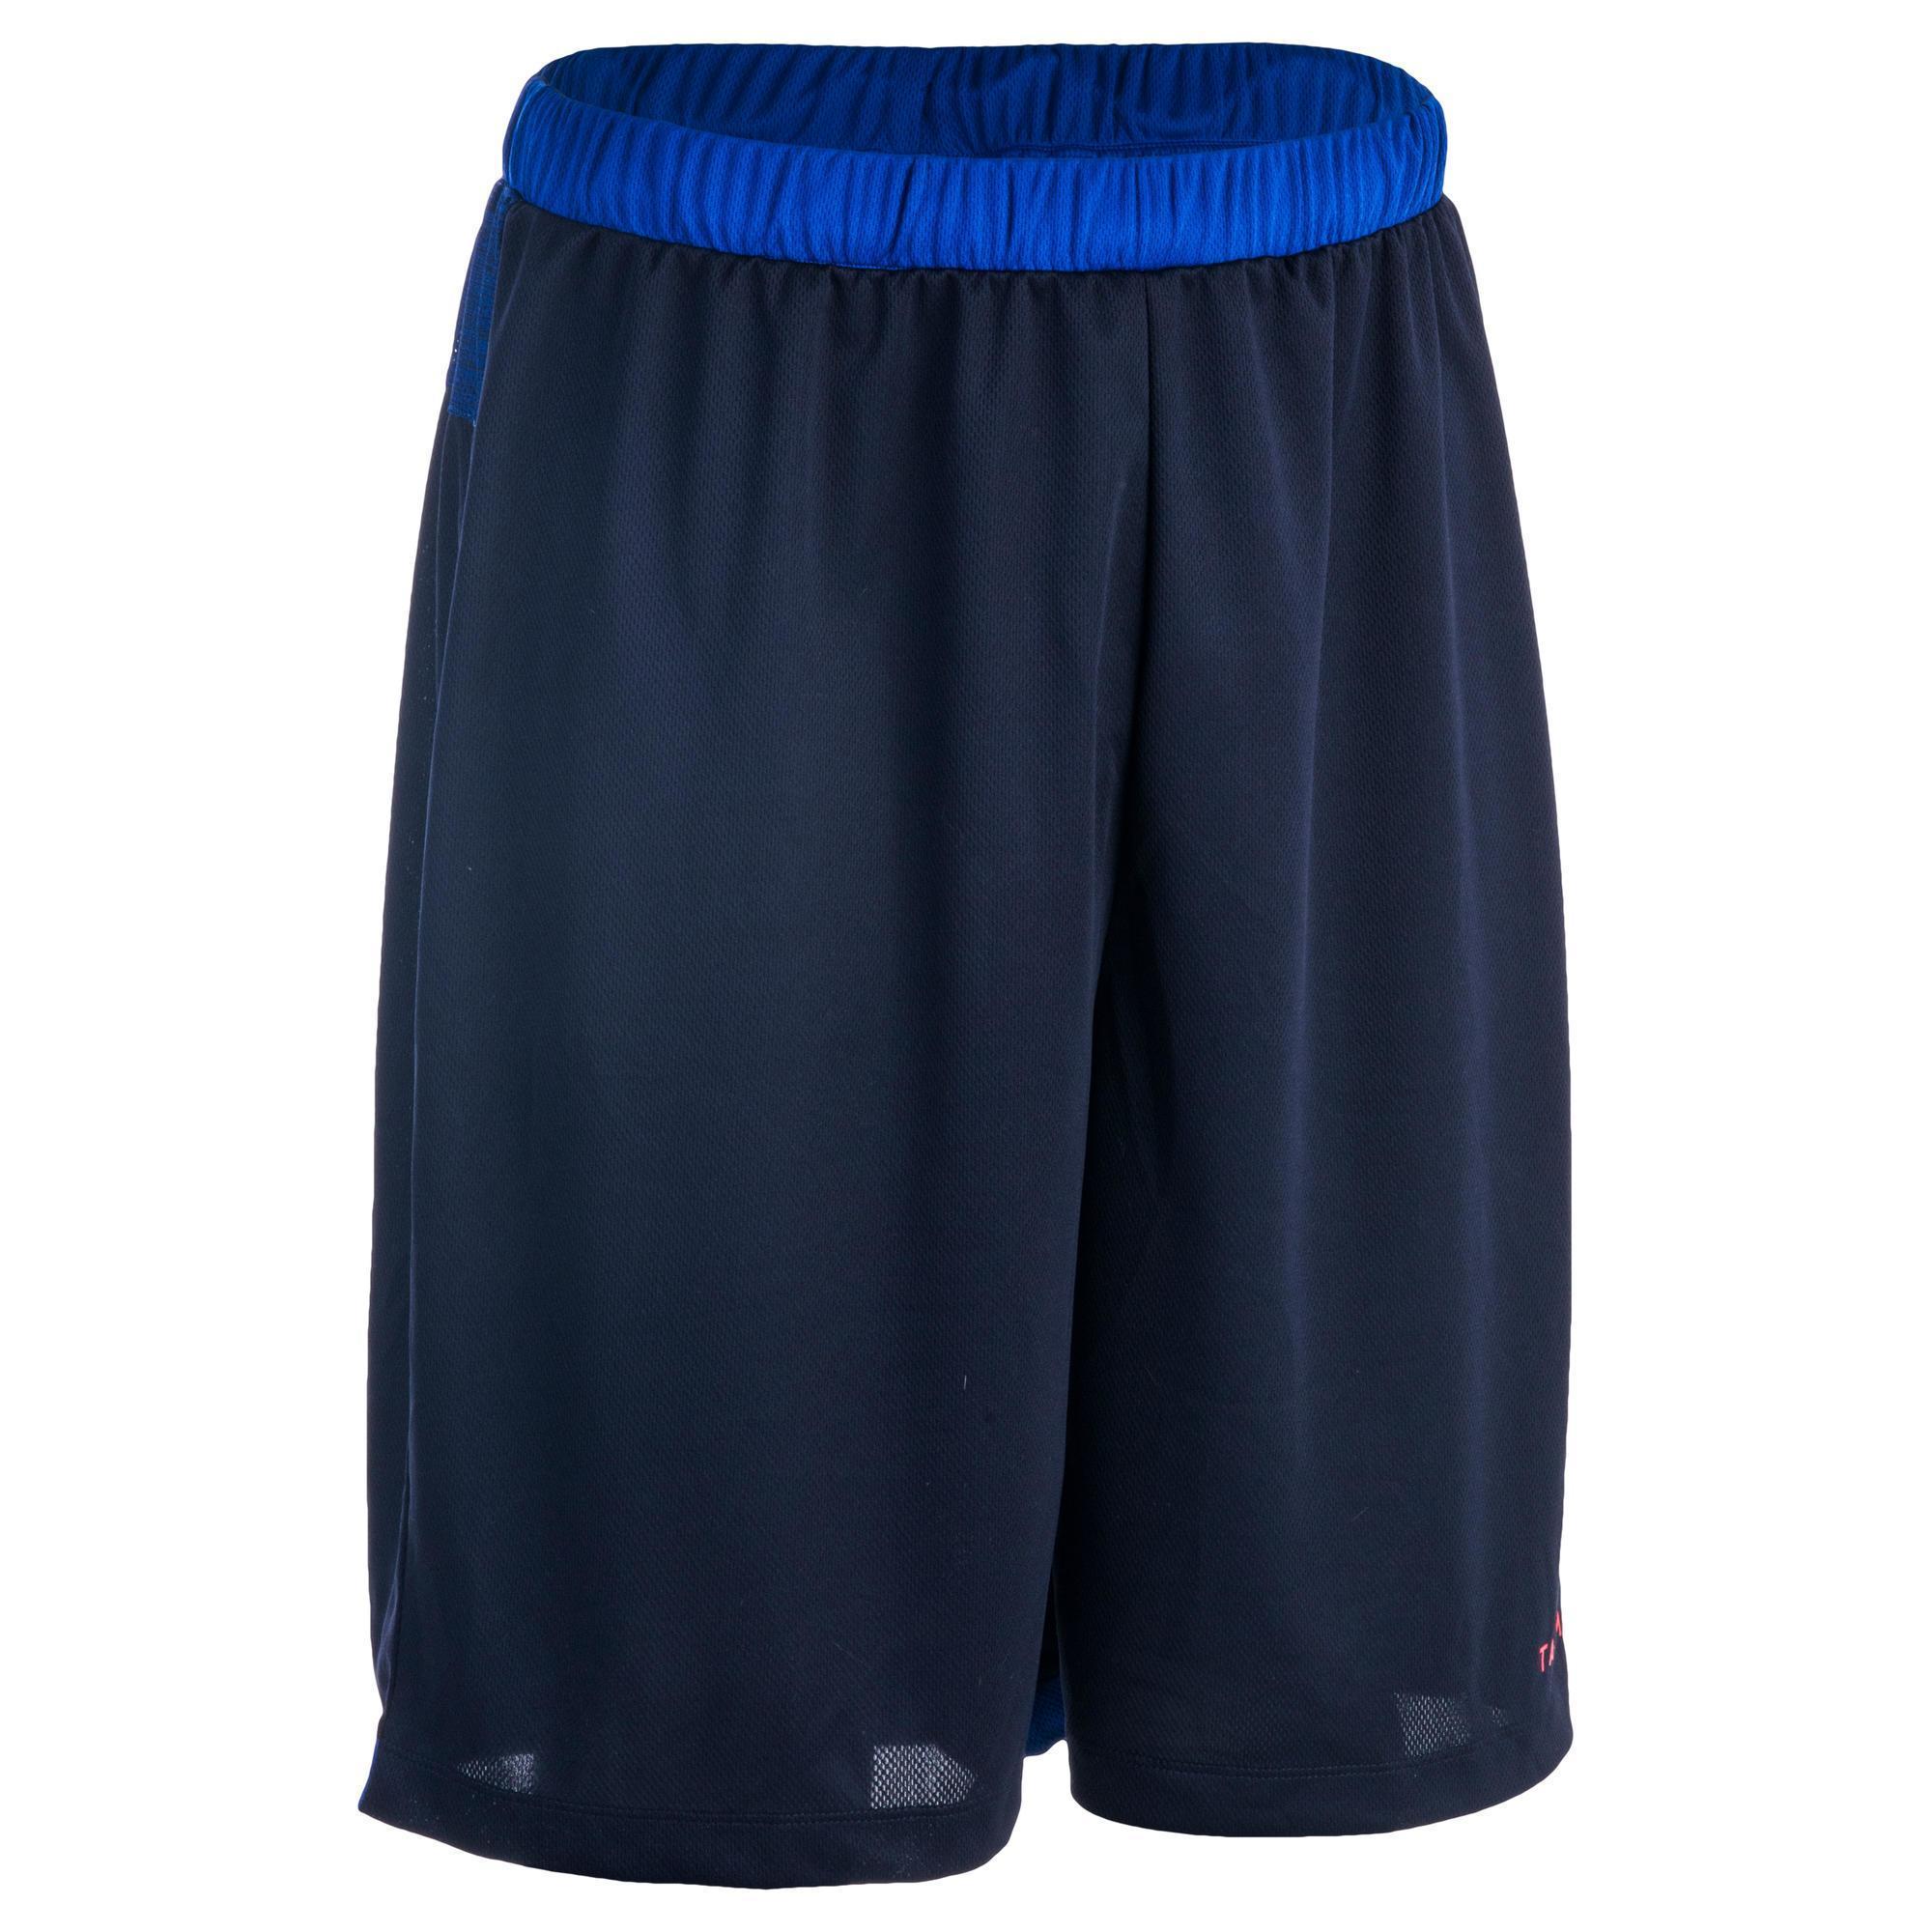 Basketballshorts SH500 Herren Fortgeschrittene blau meliert | Sportbekleidung > Sporthosen > Basketballshorts | Blau | Tarmak